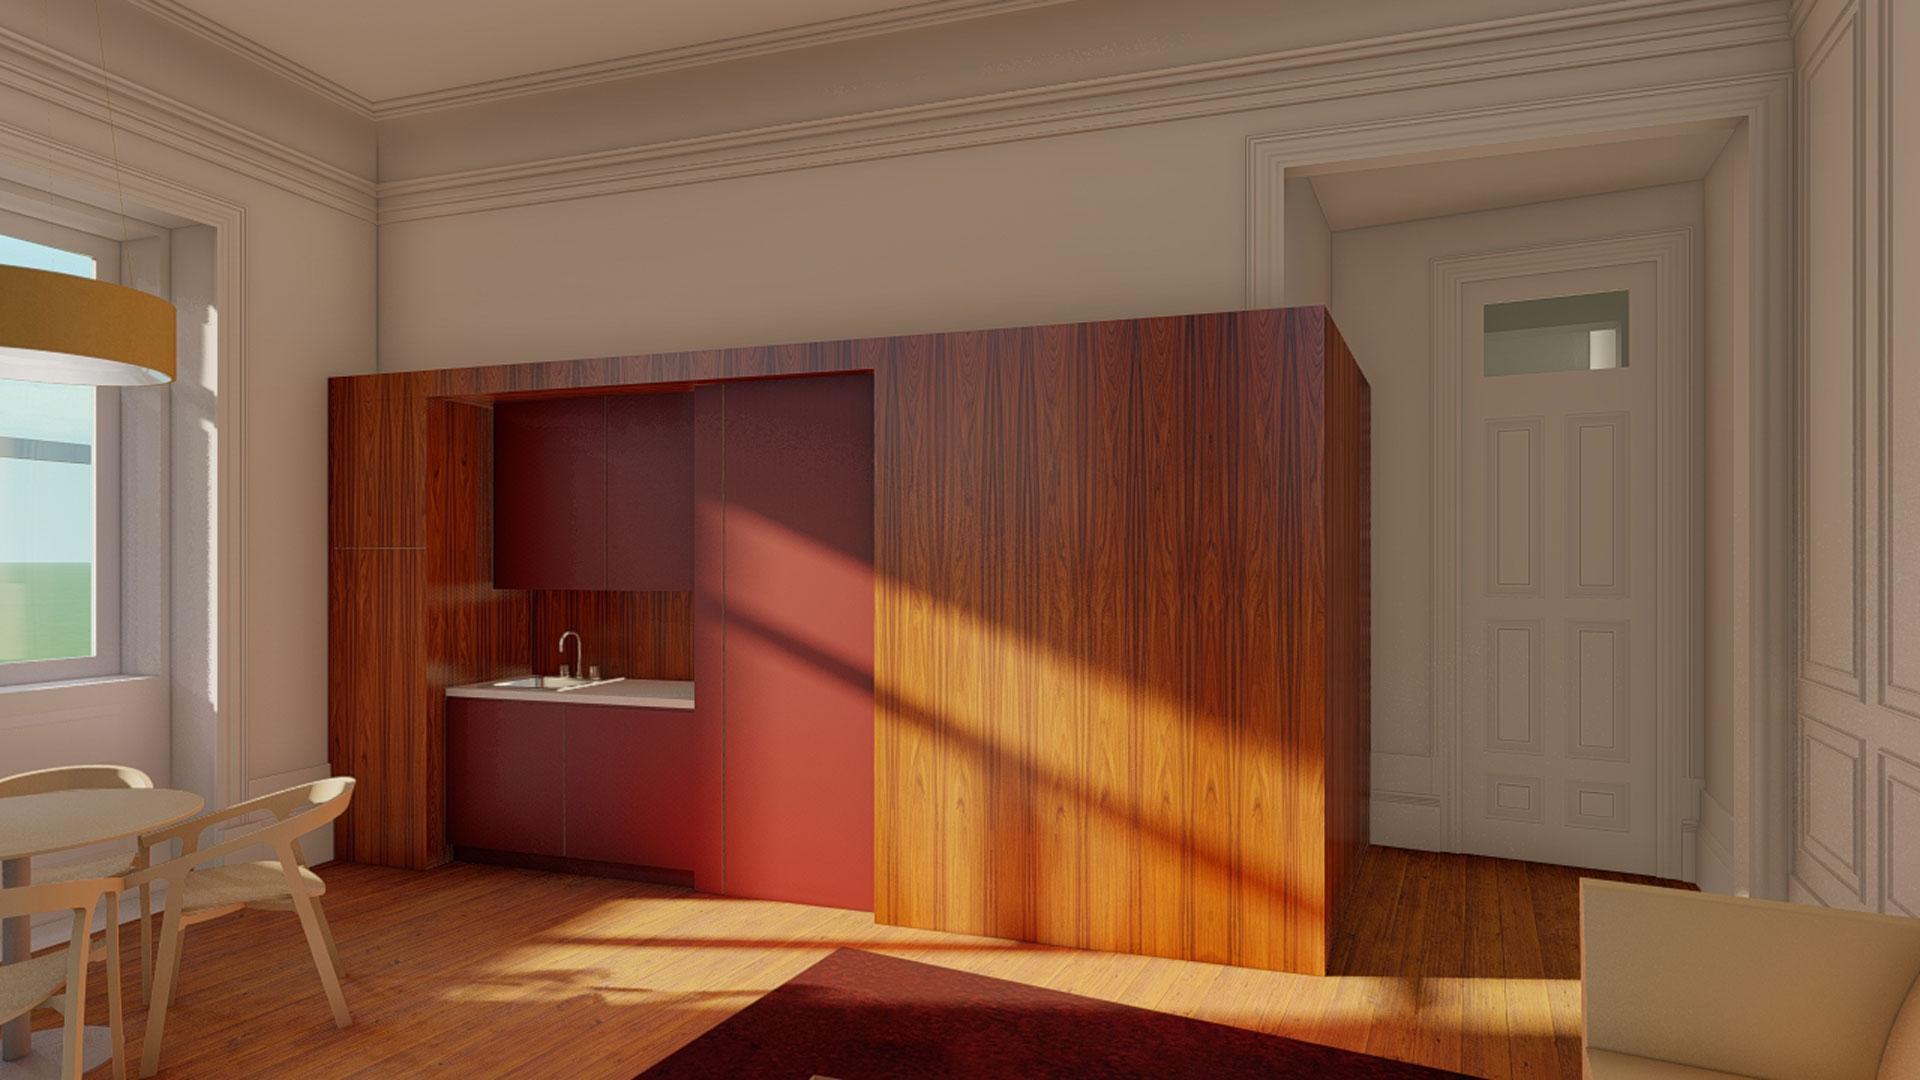 Cozinha integrada no ambiente de uma sala clássica das casa do Porto do início do séc. XX.